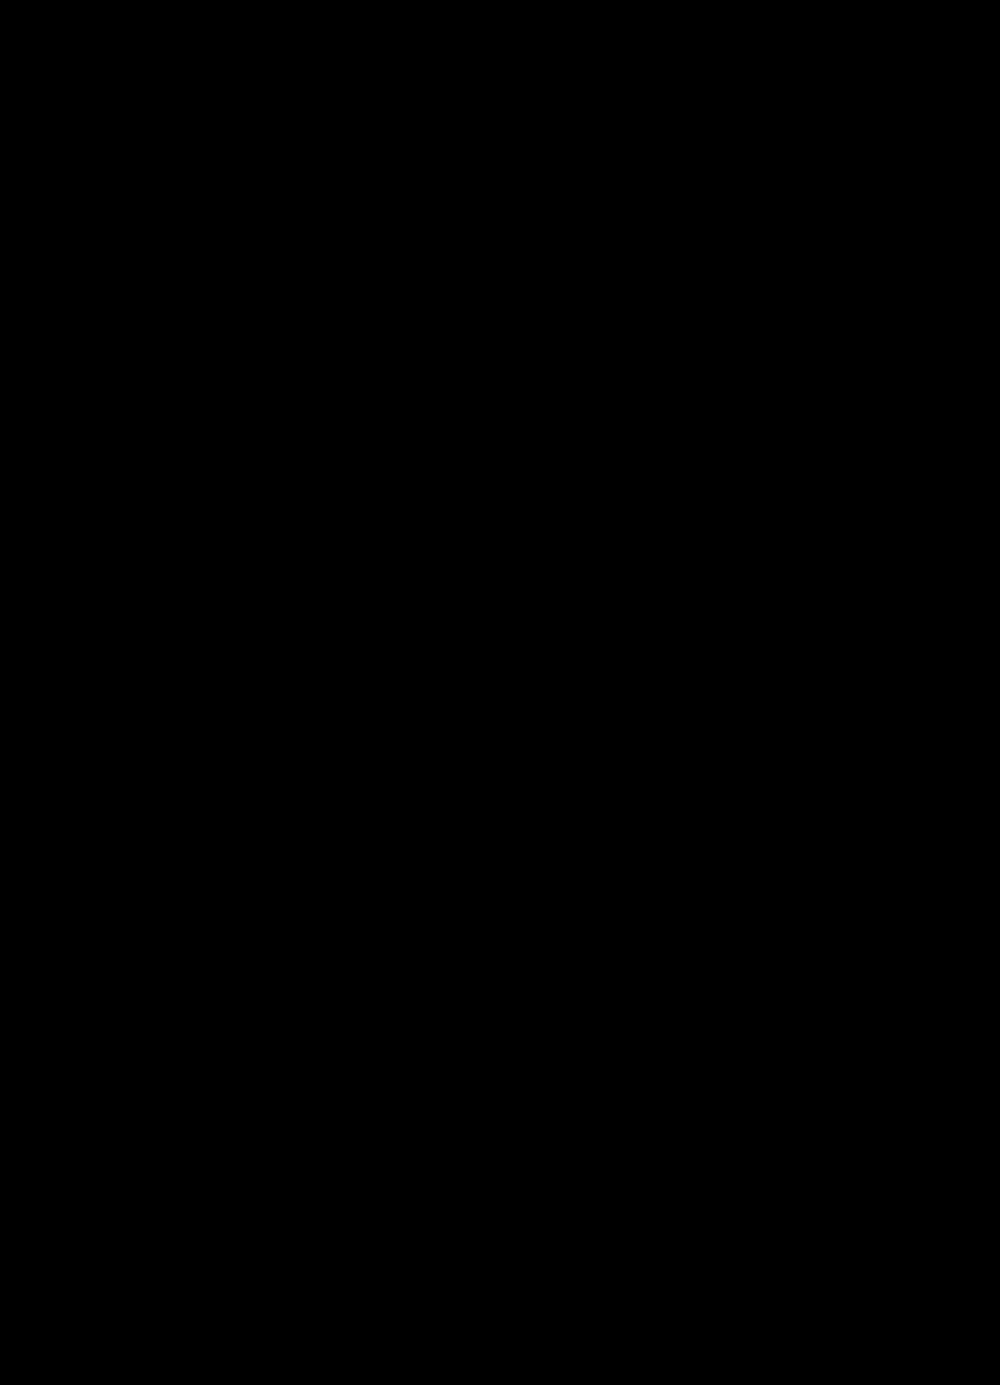 Punisher Png Logo Free Transparent Png Logos Punisher Logo Punisher Punisher Skull